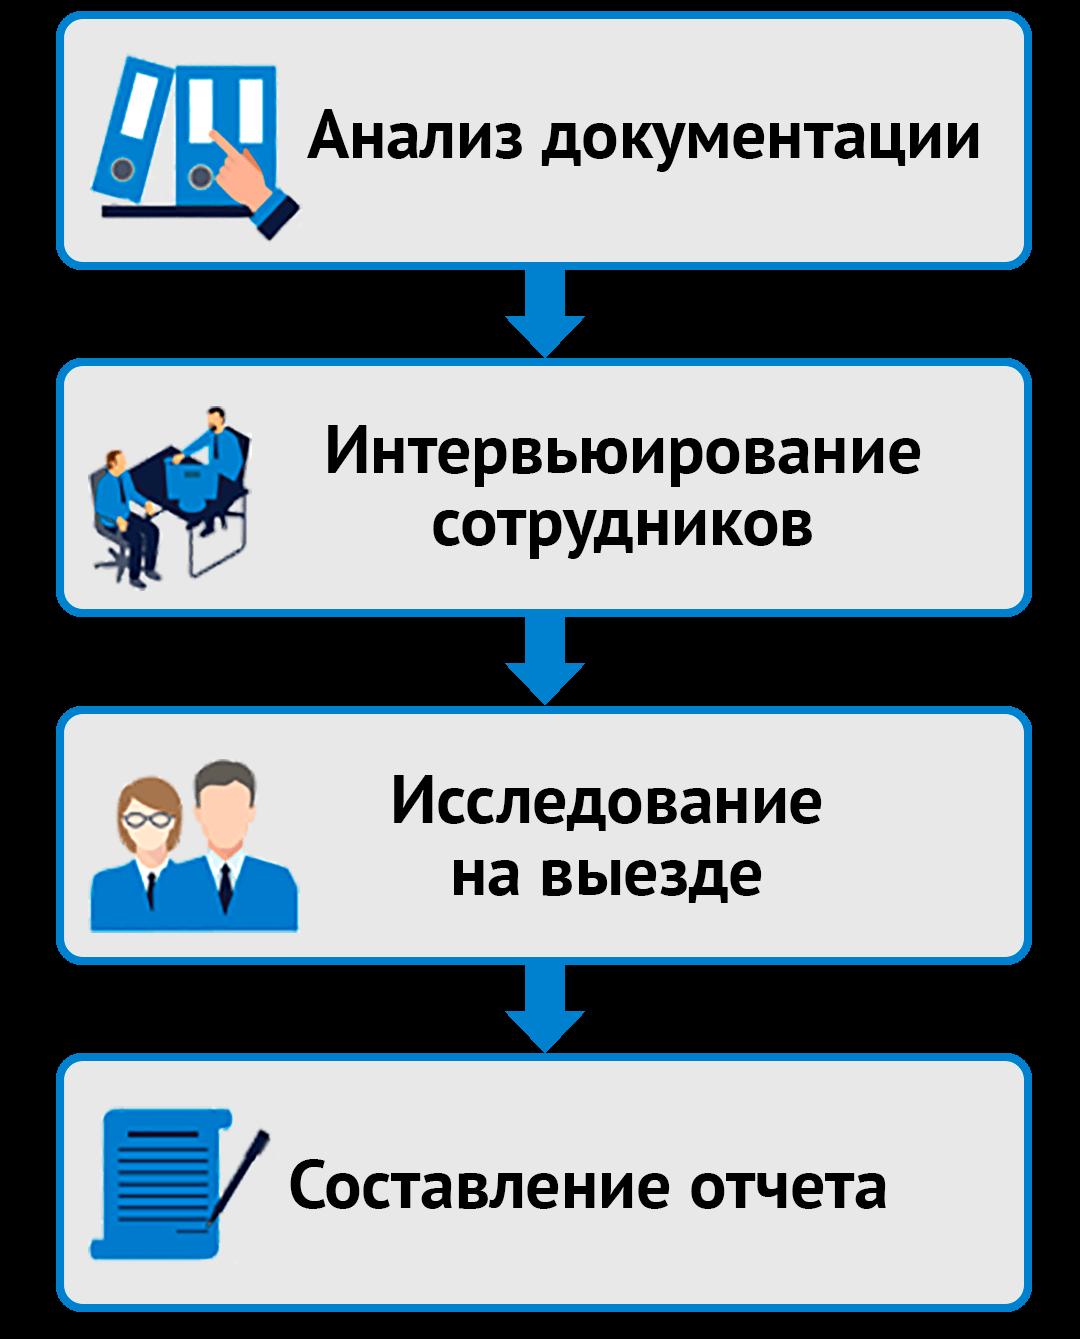 Основные этапы проведения аудита непрерывности бизнеса с точки зрения ИБ